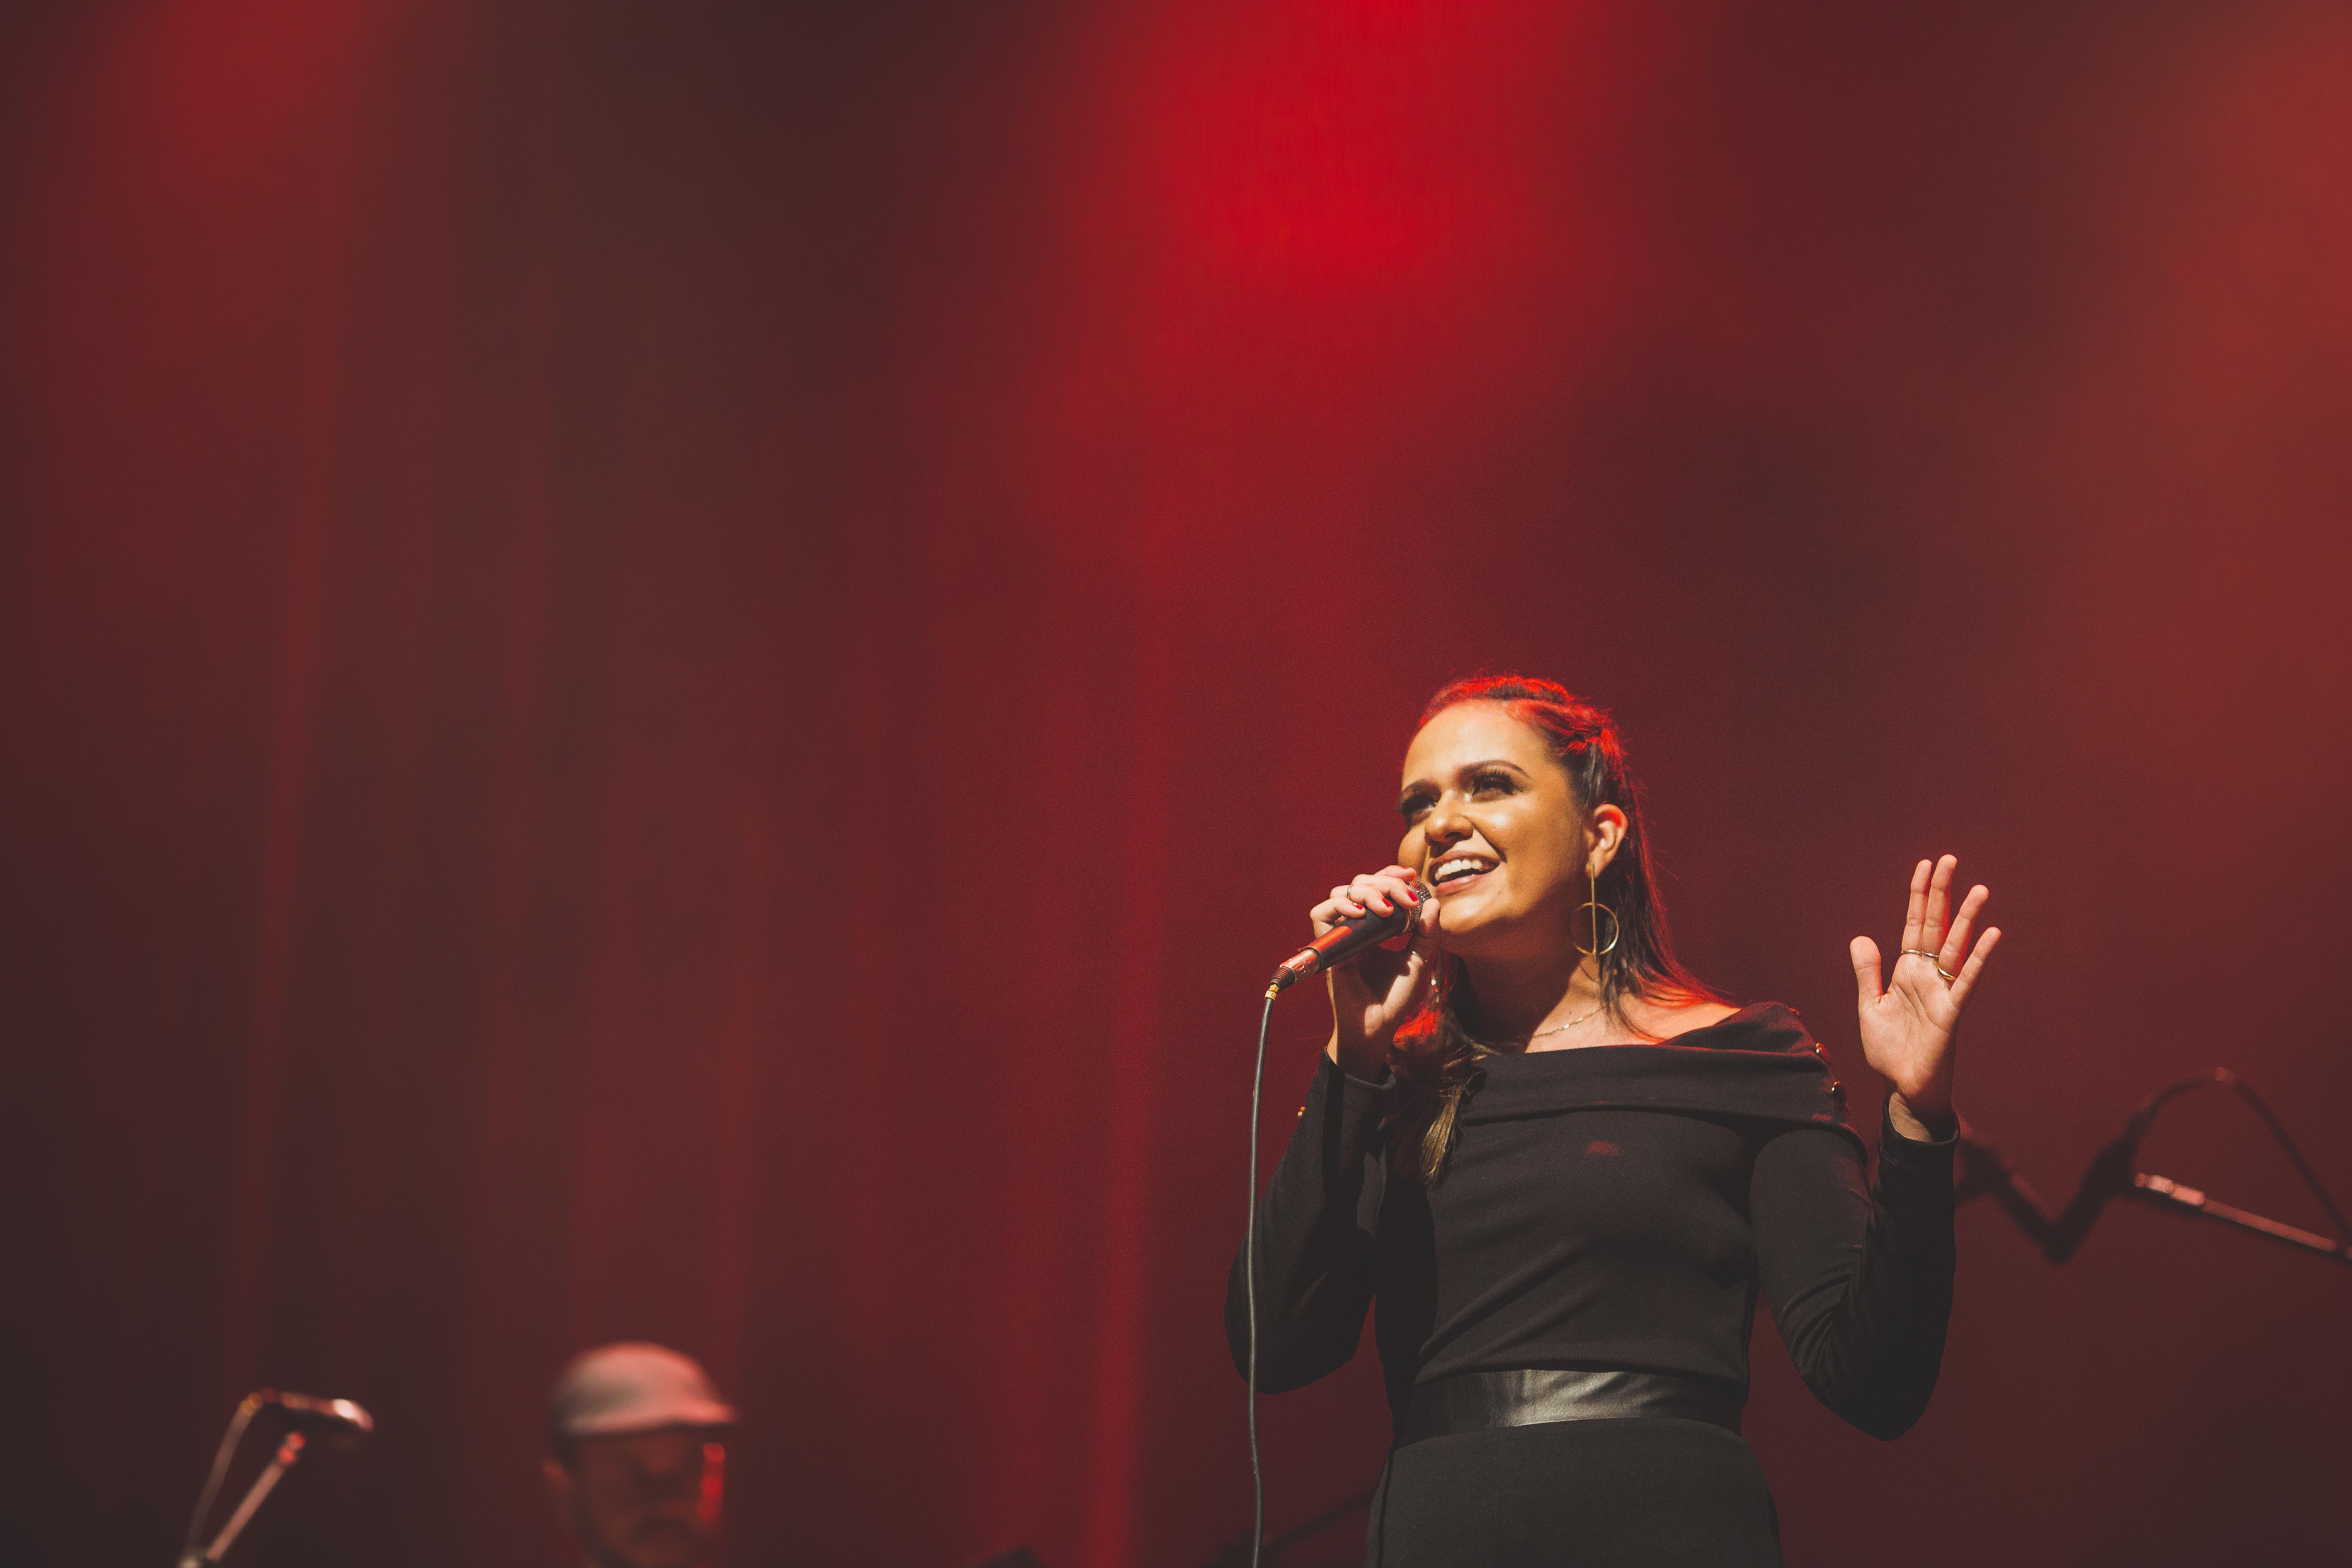 Mulher cantando em show